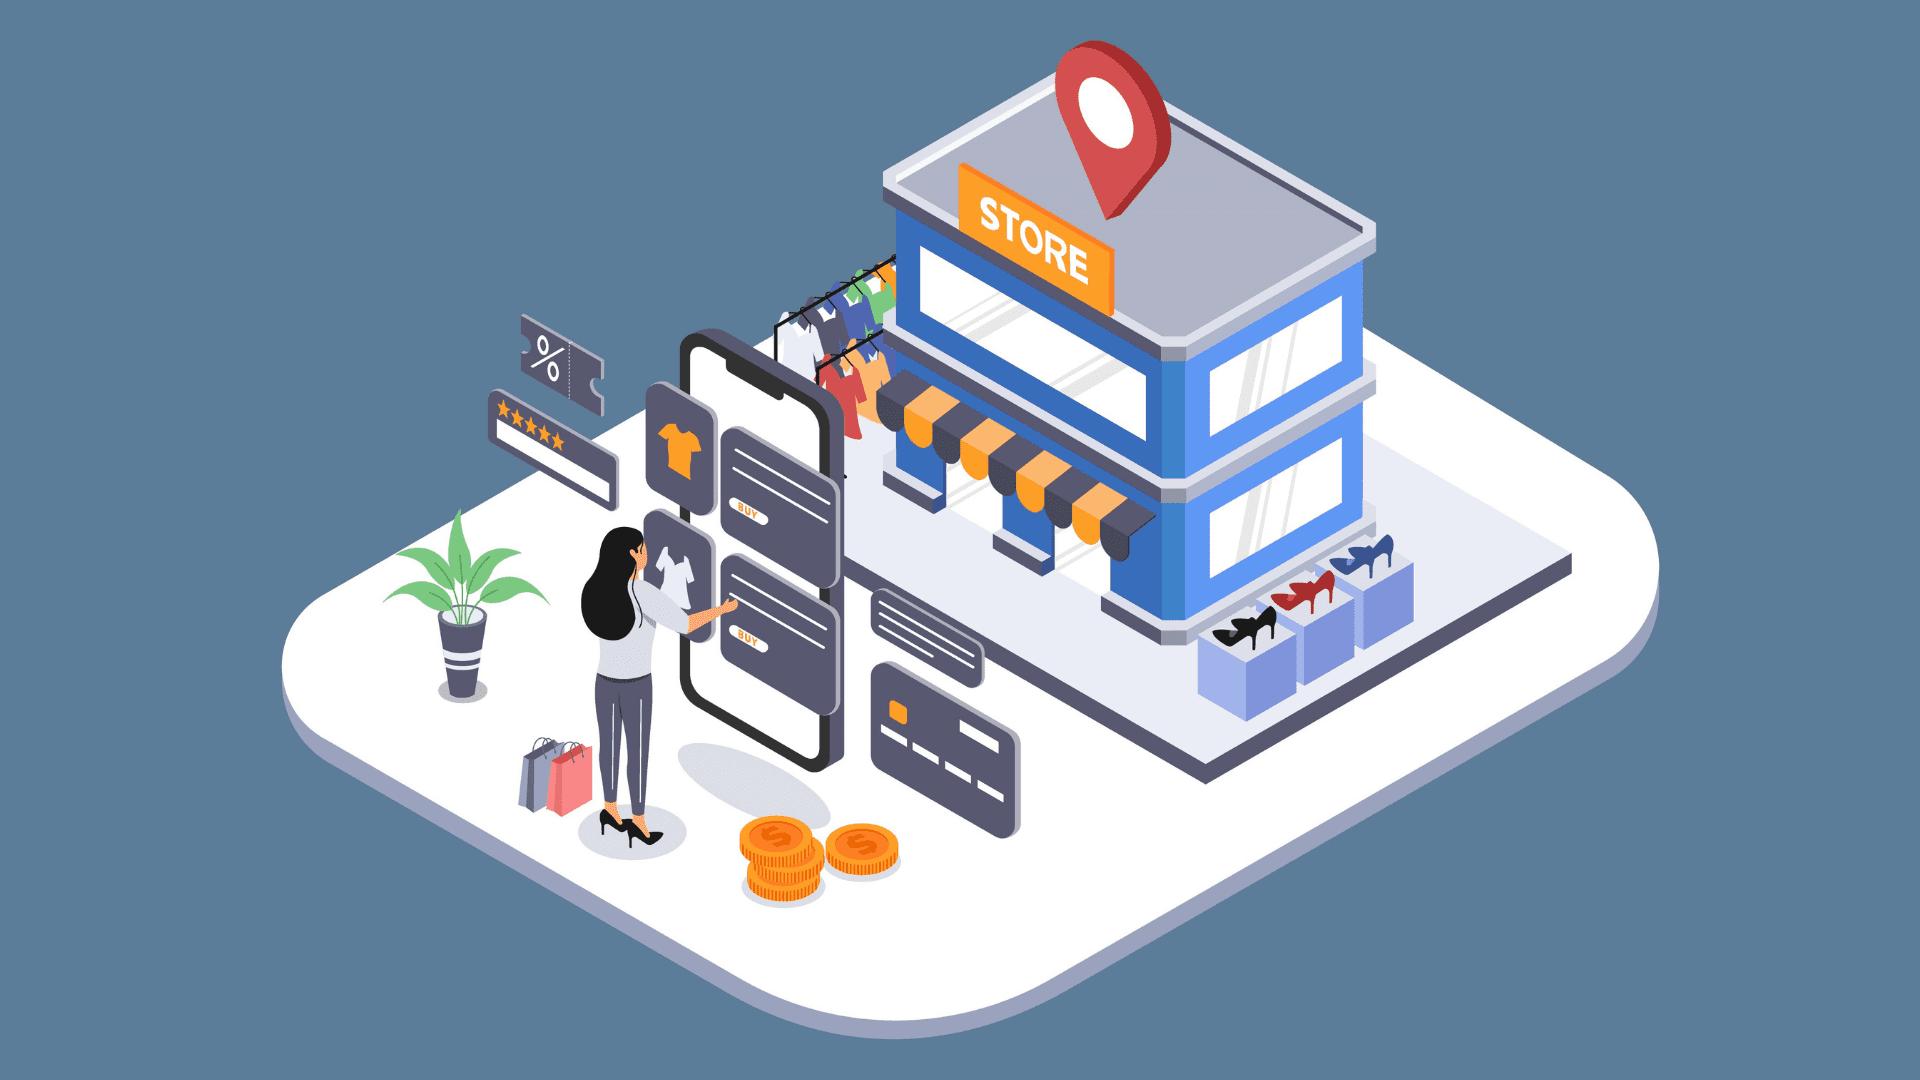 mobile app for shopping website